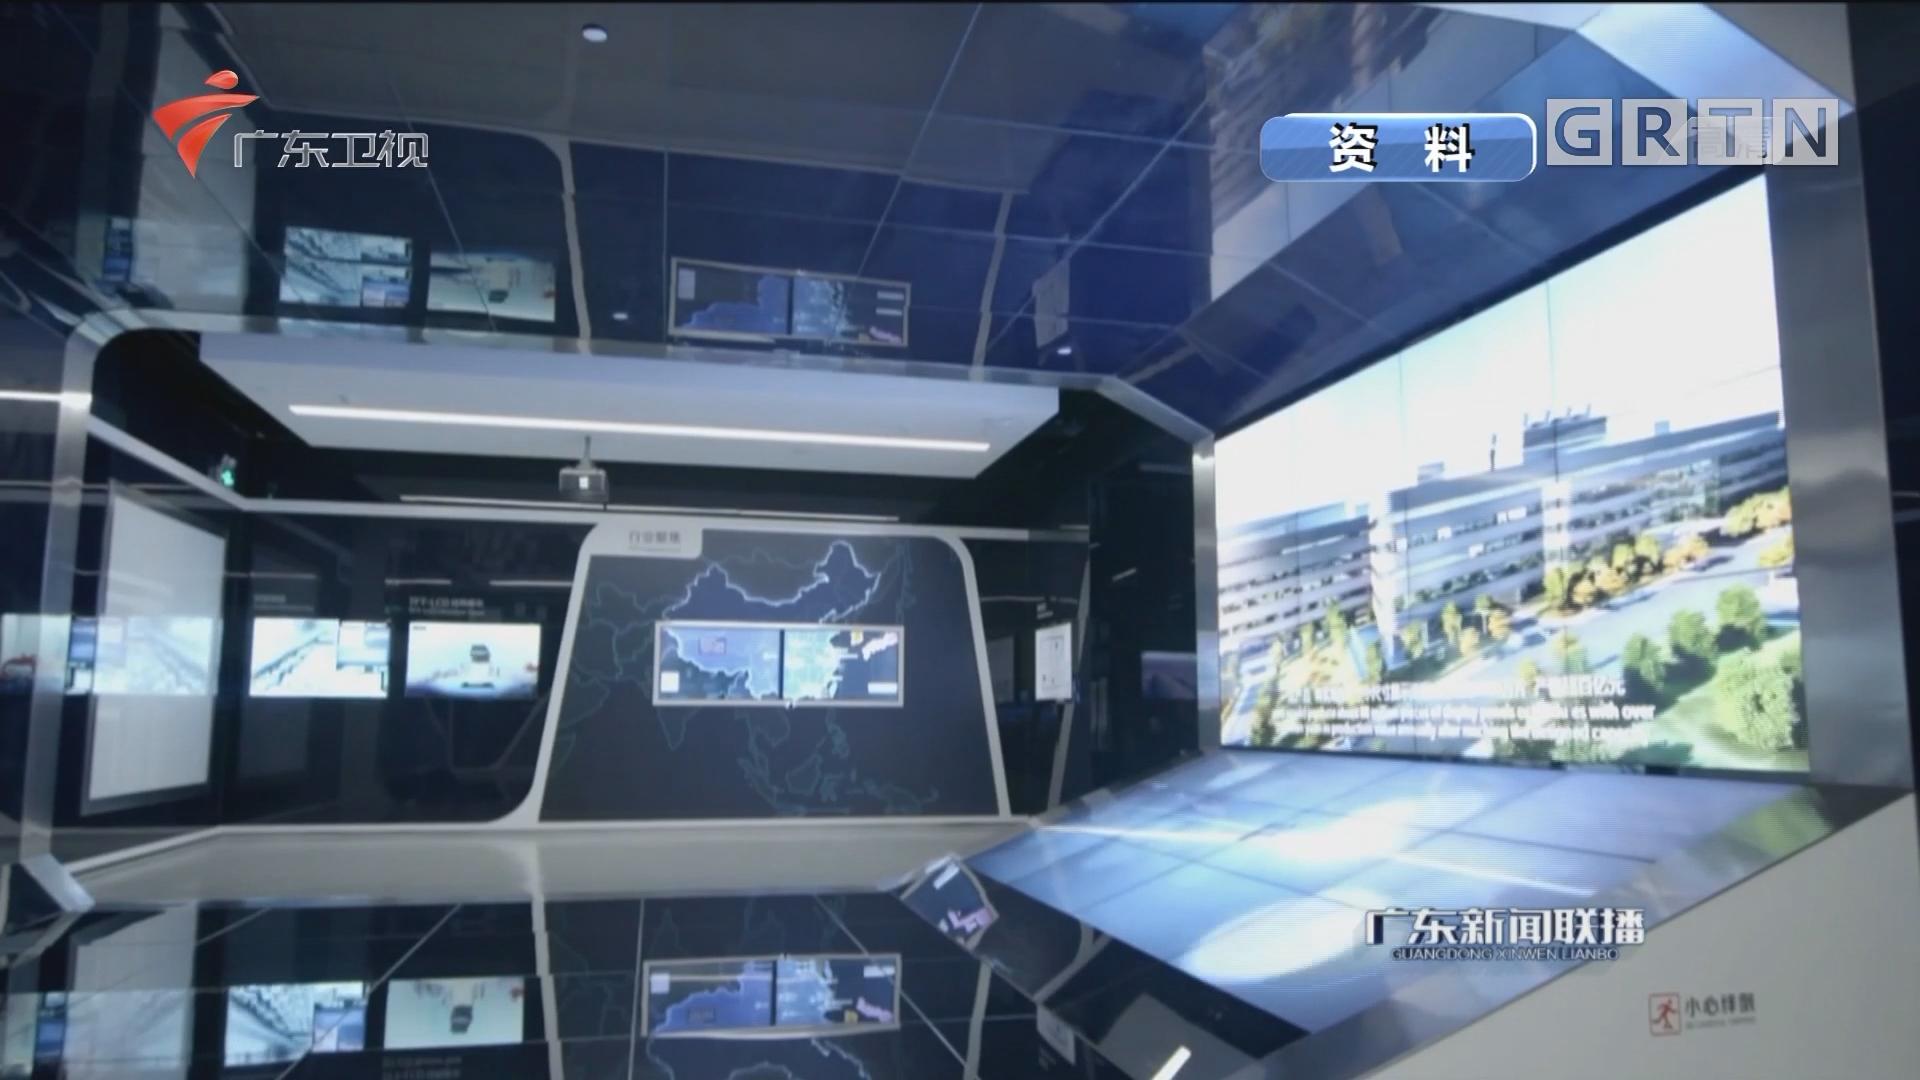 国家印刷及柔性显示创新中心正式启动建设